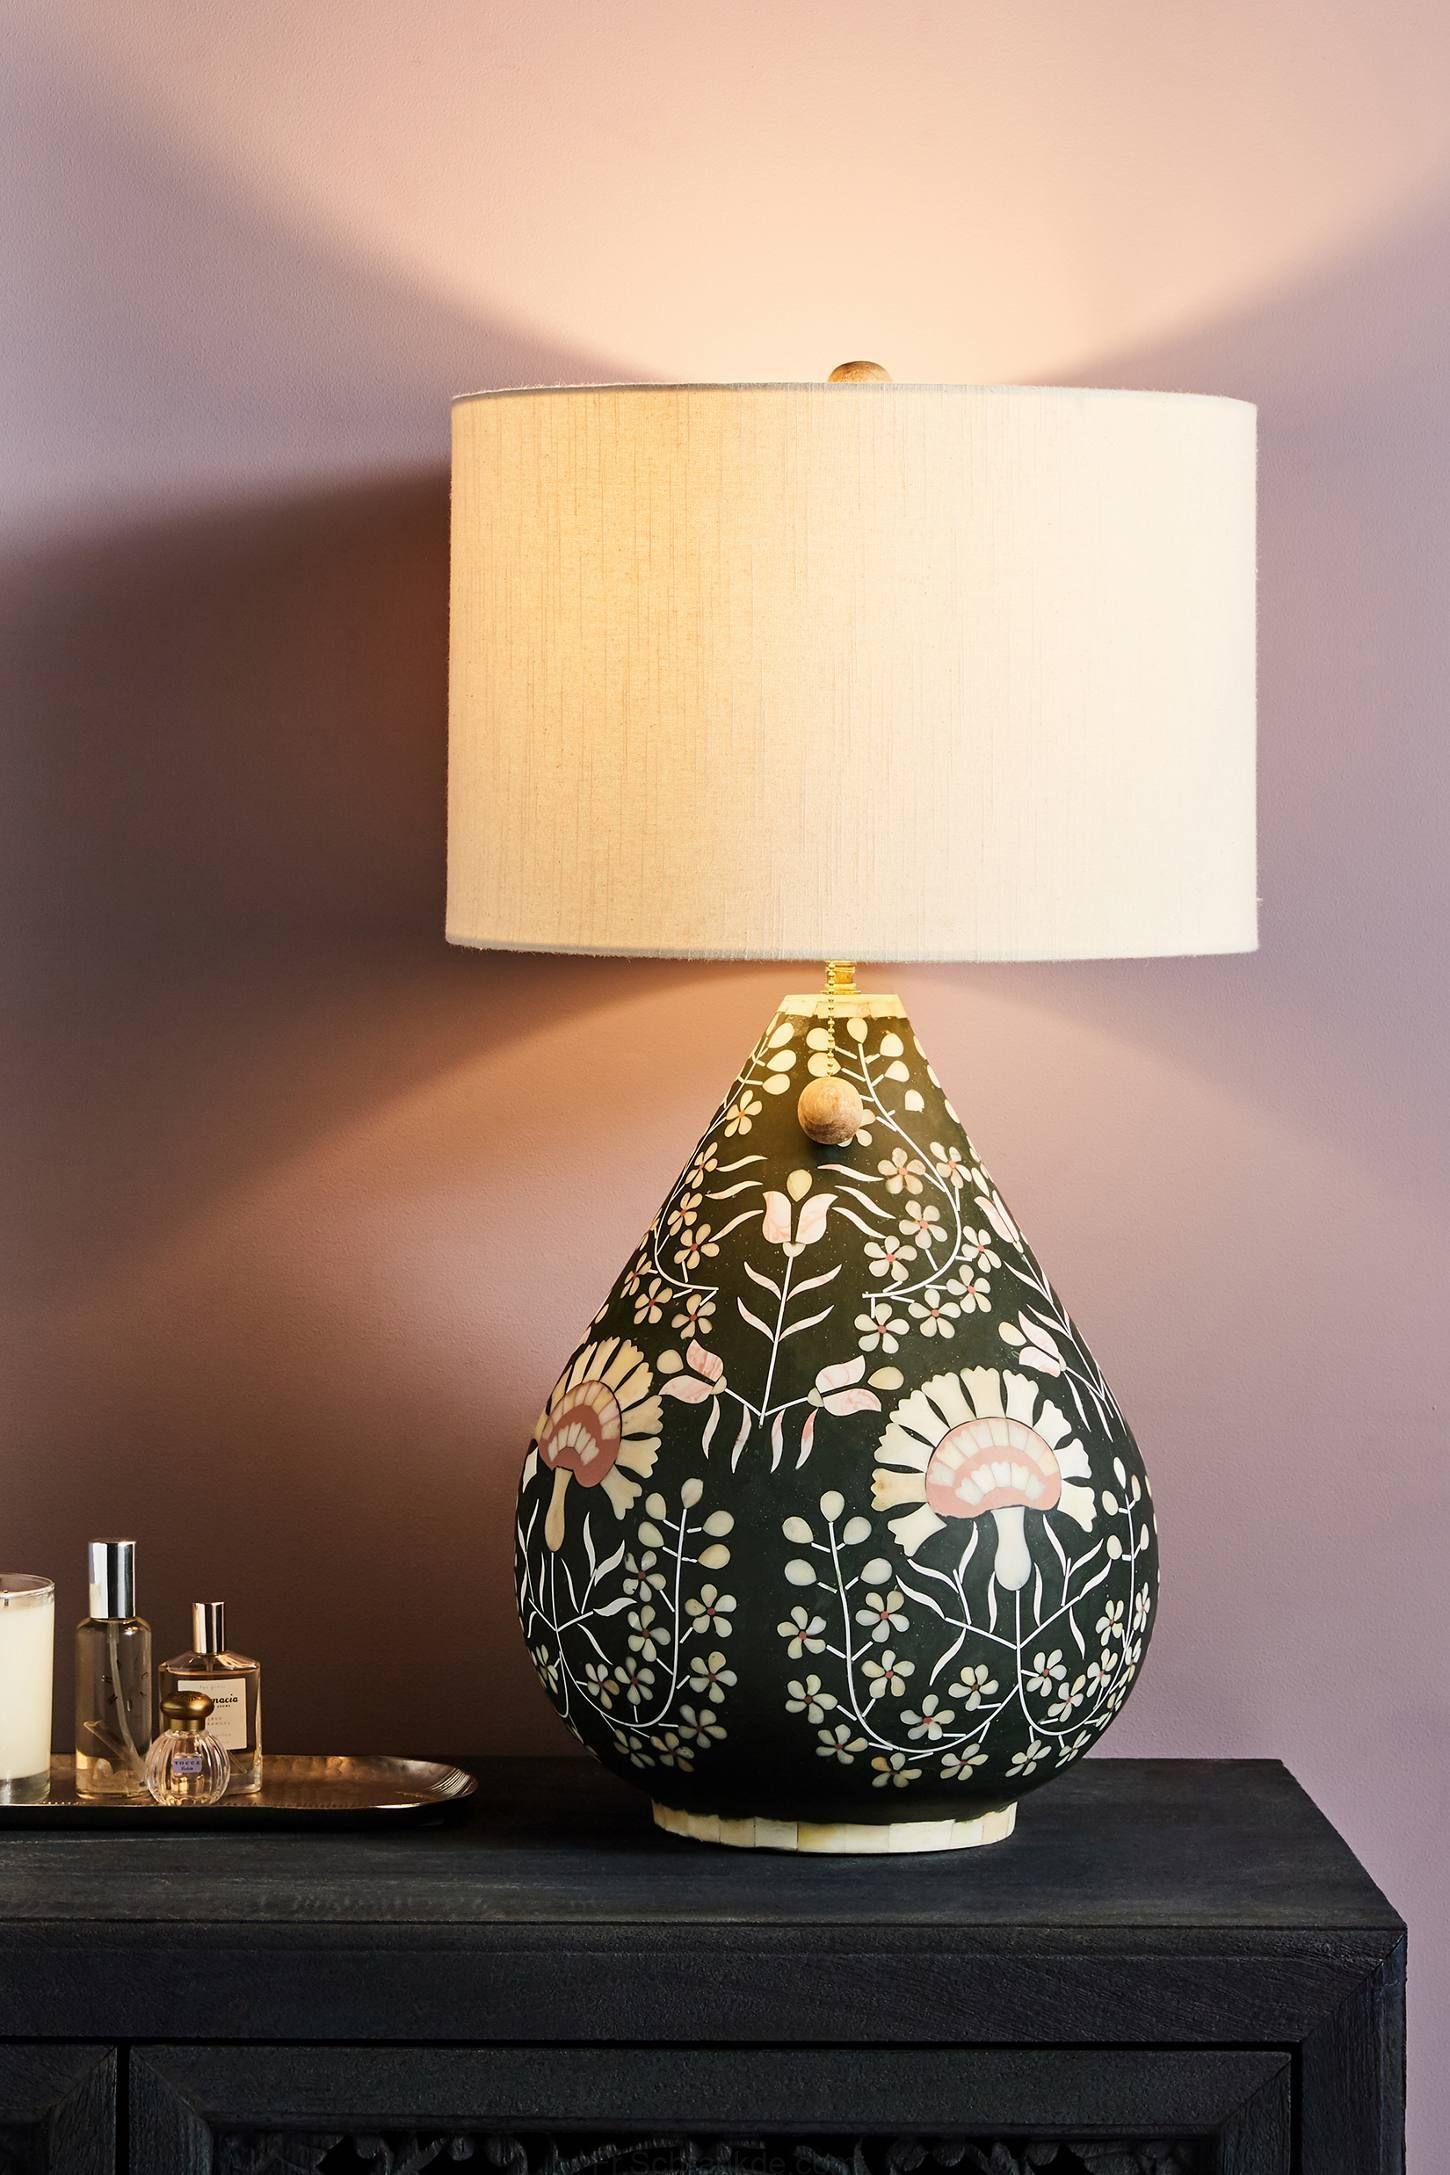 Avignon Lampe De Table De Base En Anthropologie En Vert L Eclairage Lampes De Table Luminaire Lampe De Chevet